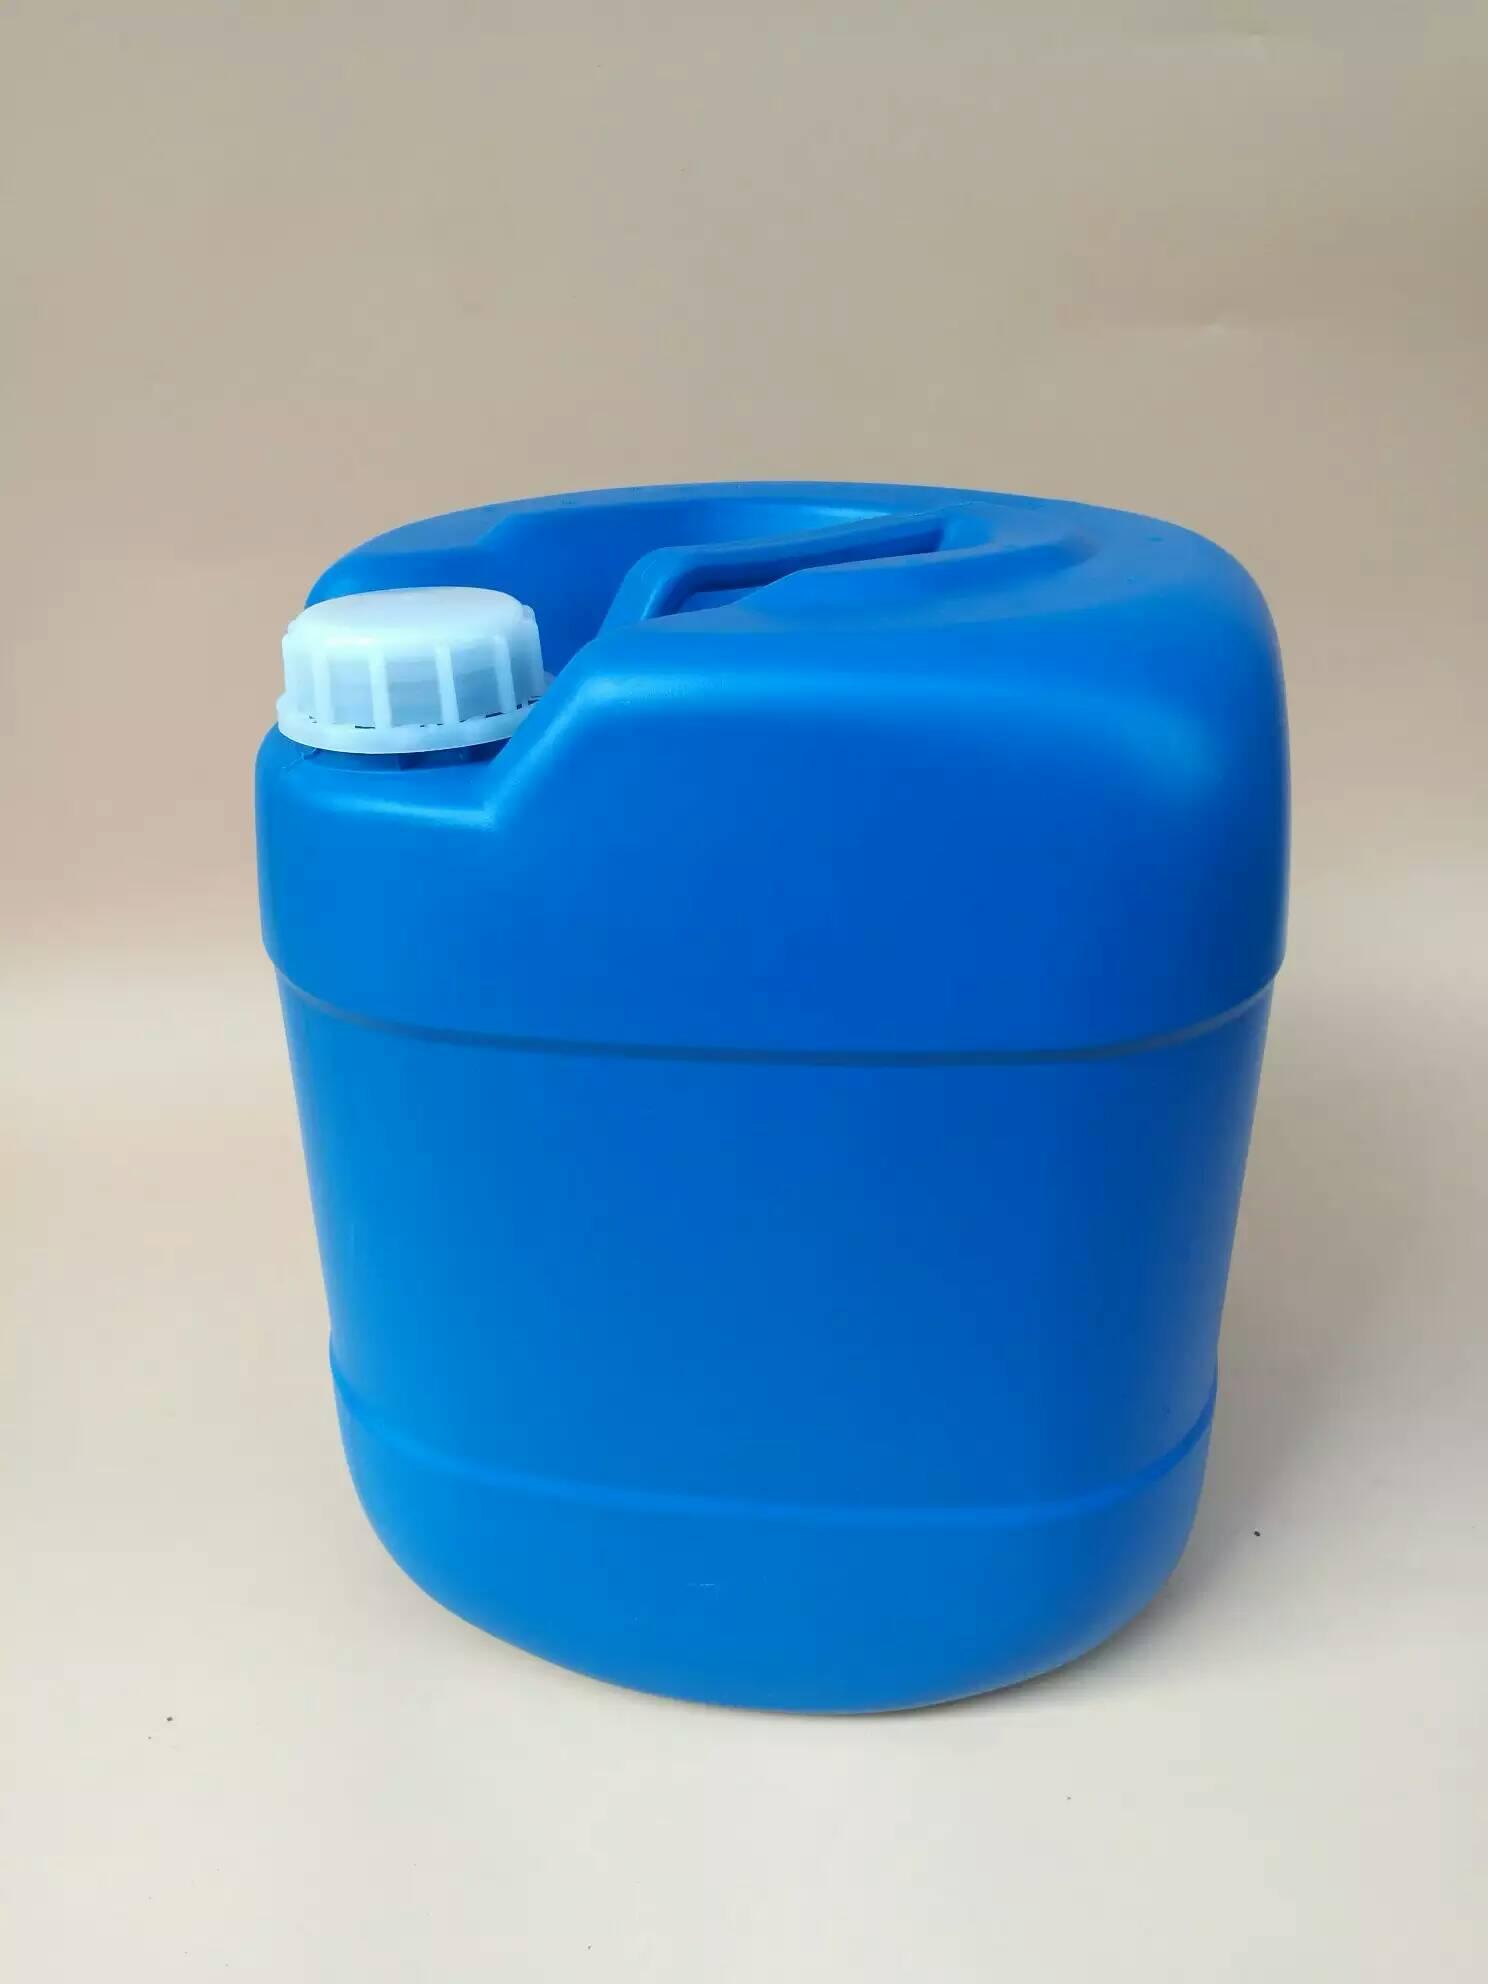 供应20l塑胶桶塑料桶【13554953909】-中华包装瓶网